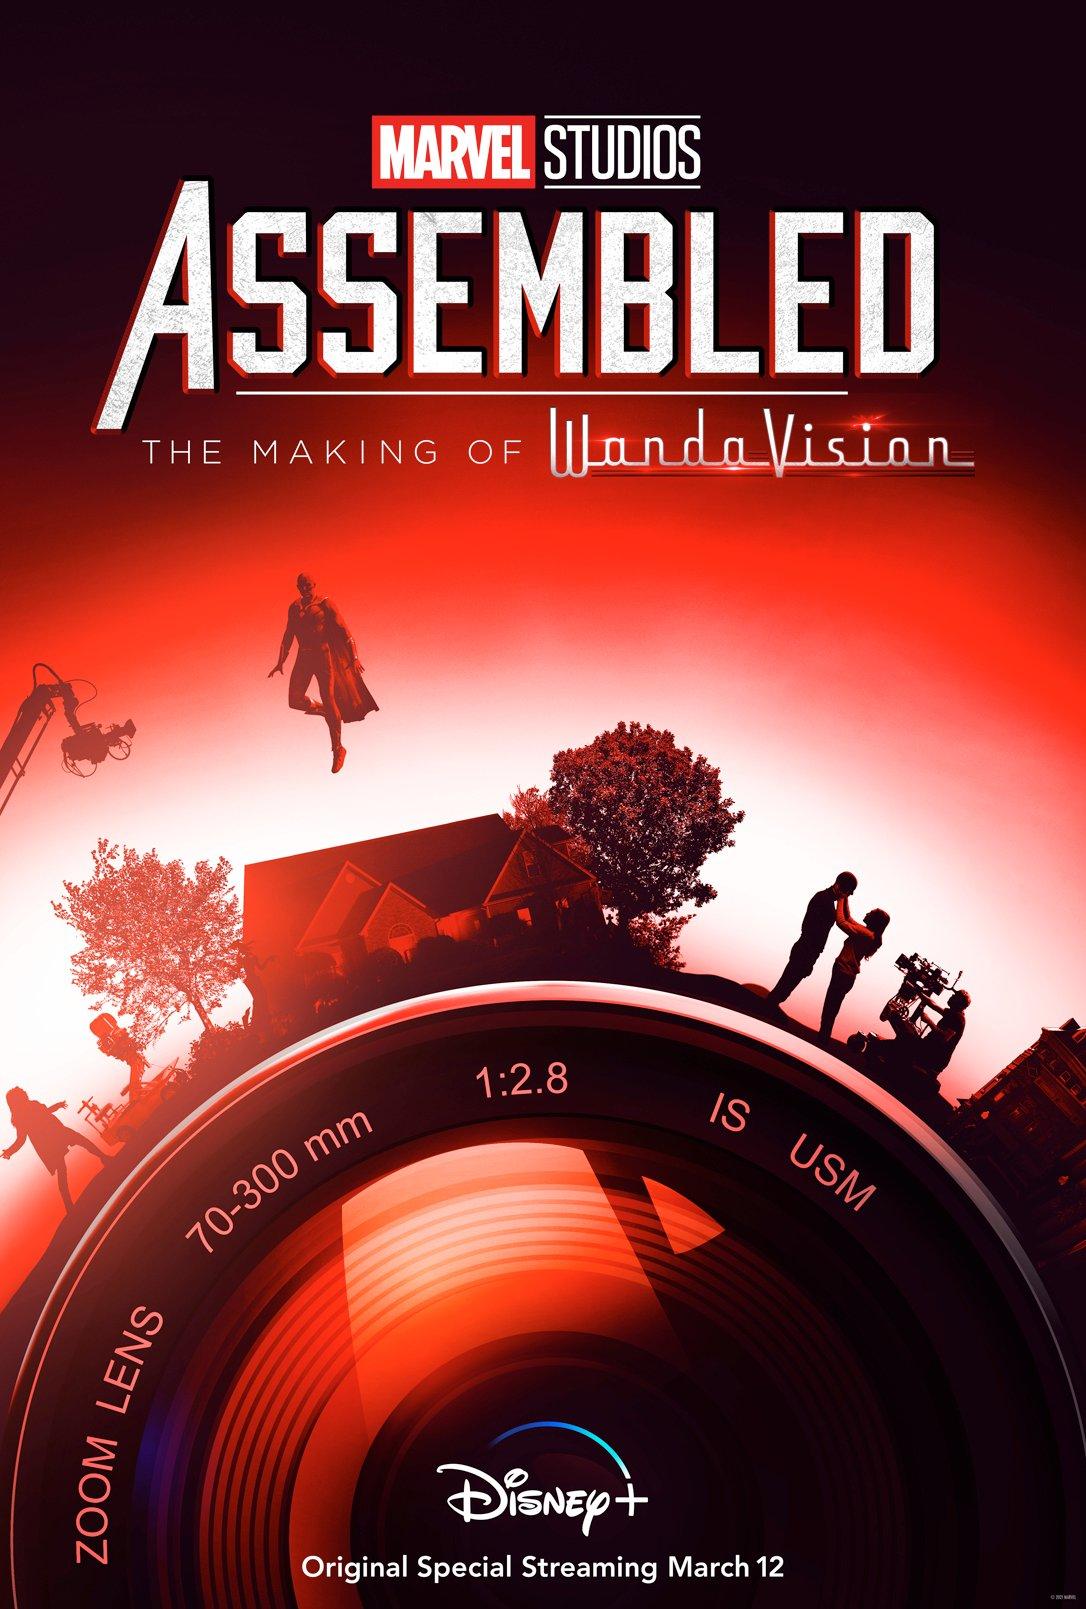 assembled wandavision